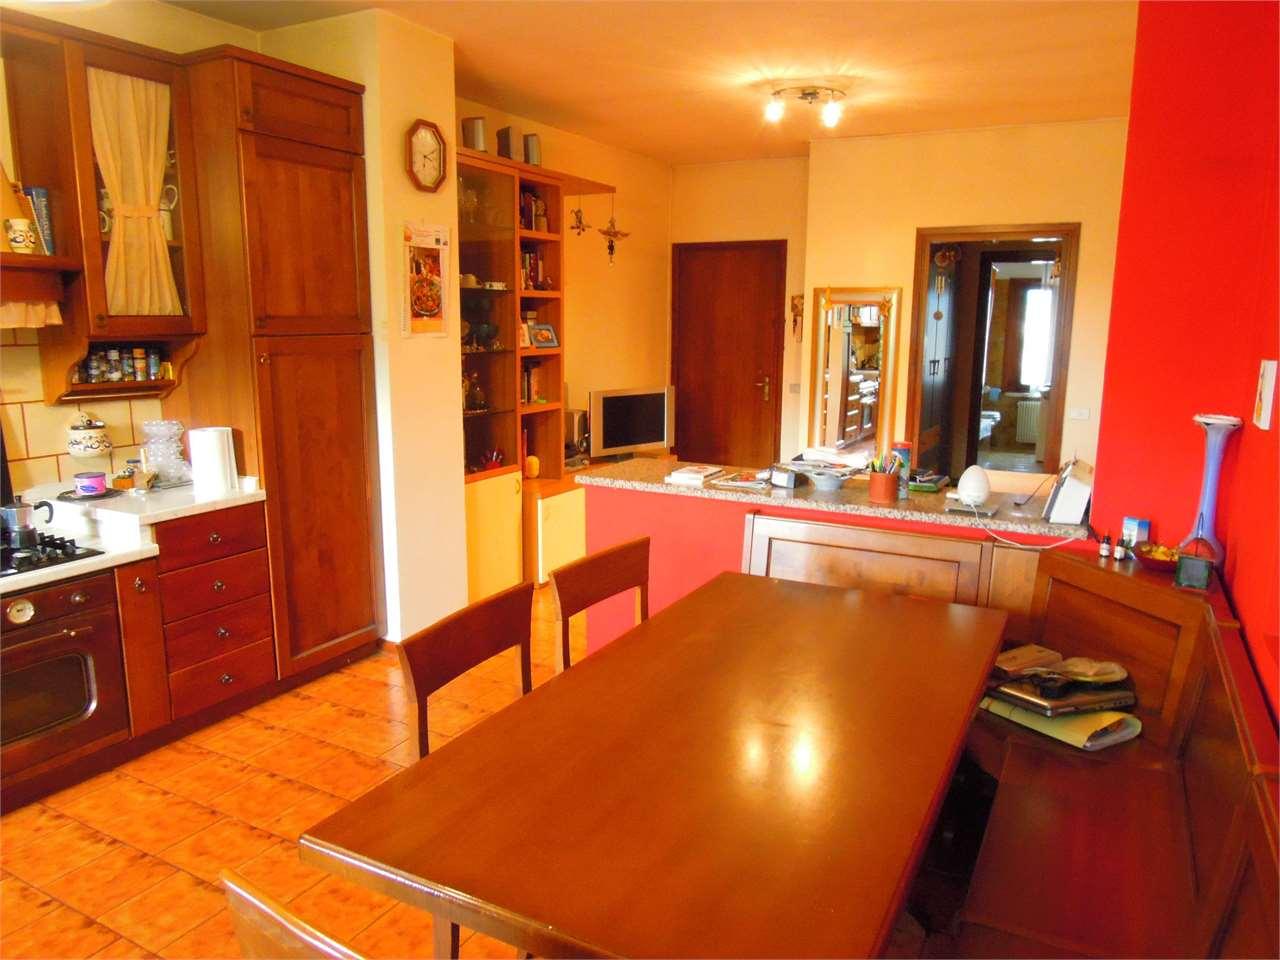 Appartamento in vendita a Sernaglia della Battaglia, 3 locali, zona Località: Falzè di Piave, prezzo € 75.000 | CambioCasa.it